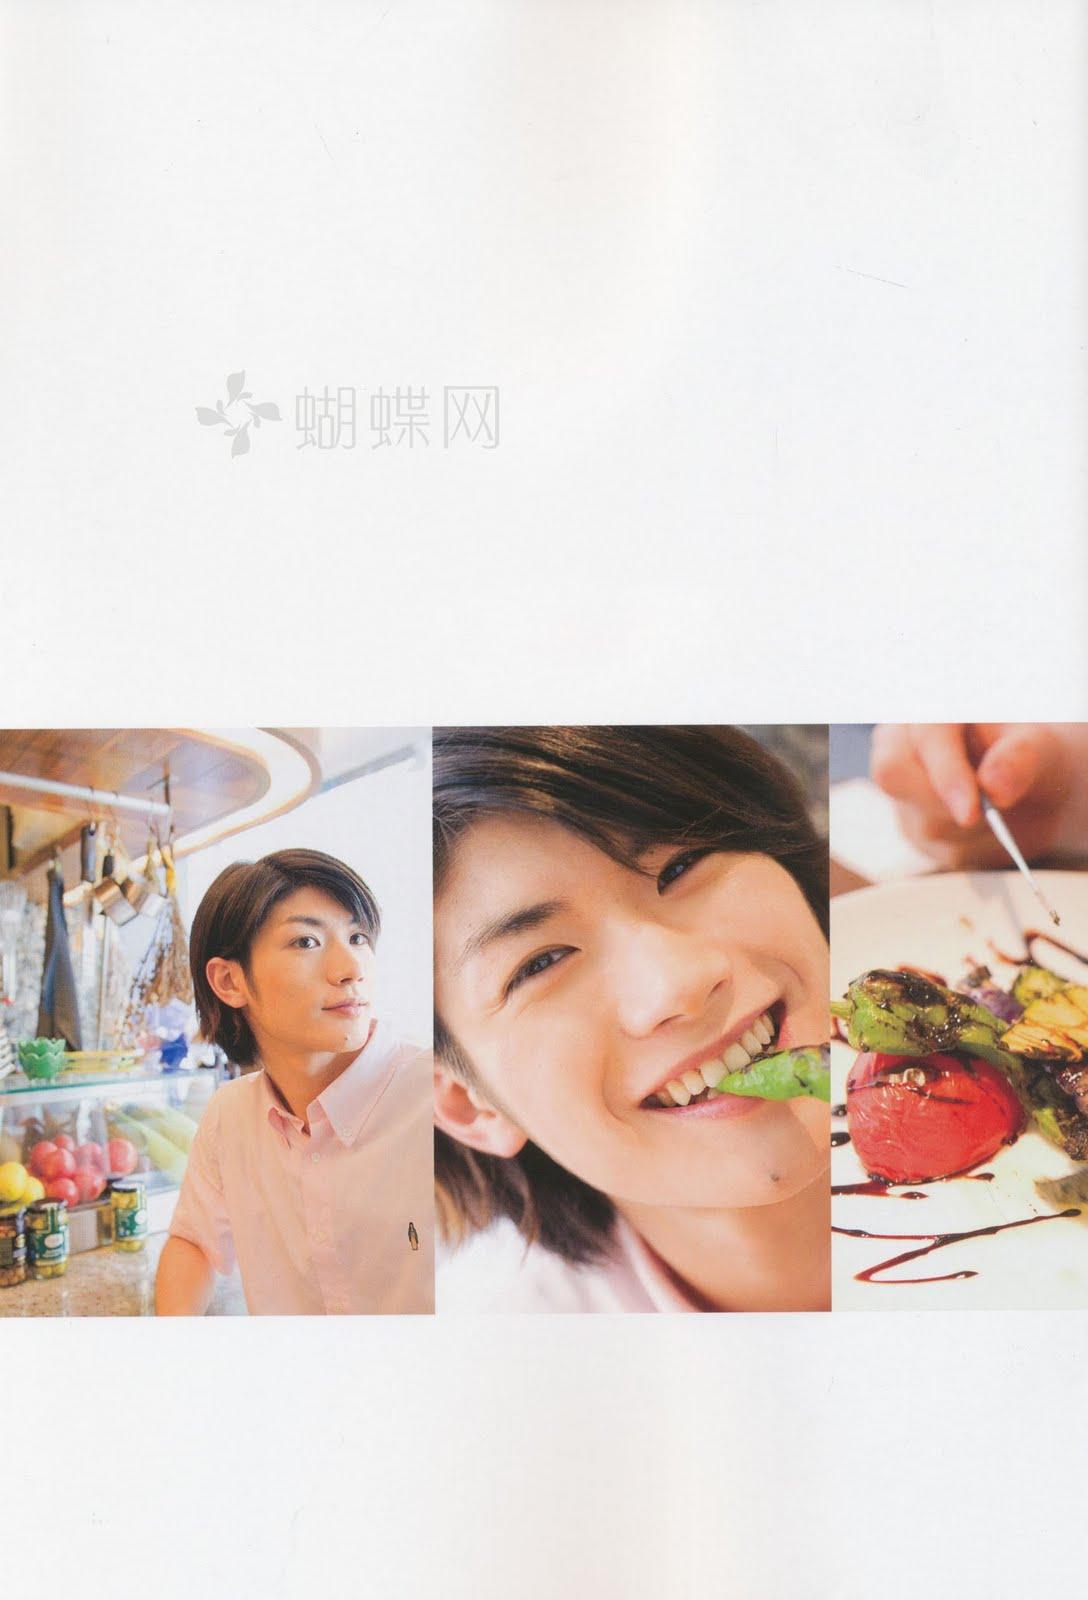 Miura Haruma 1+(27)